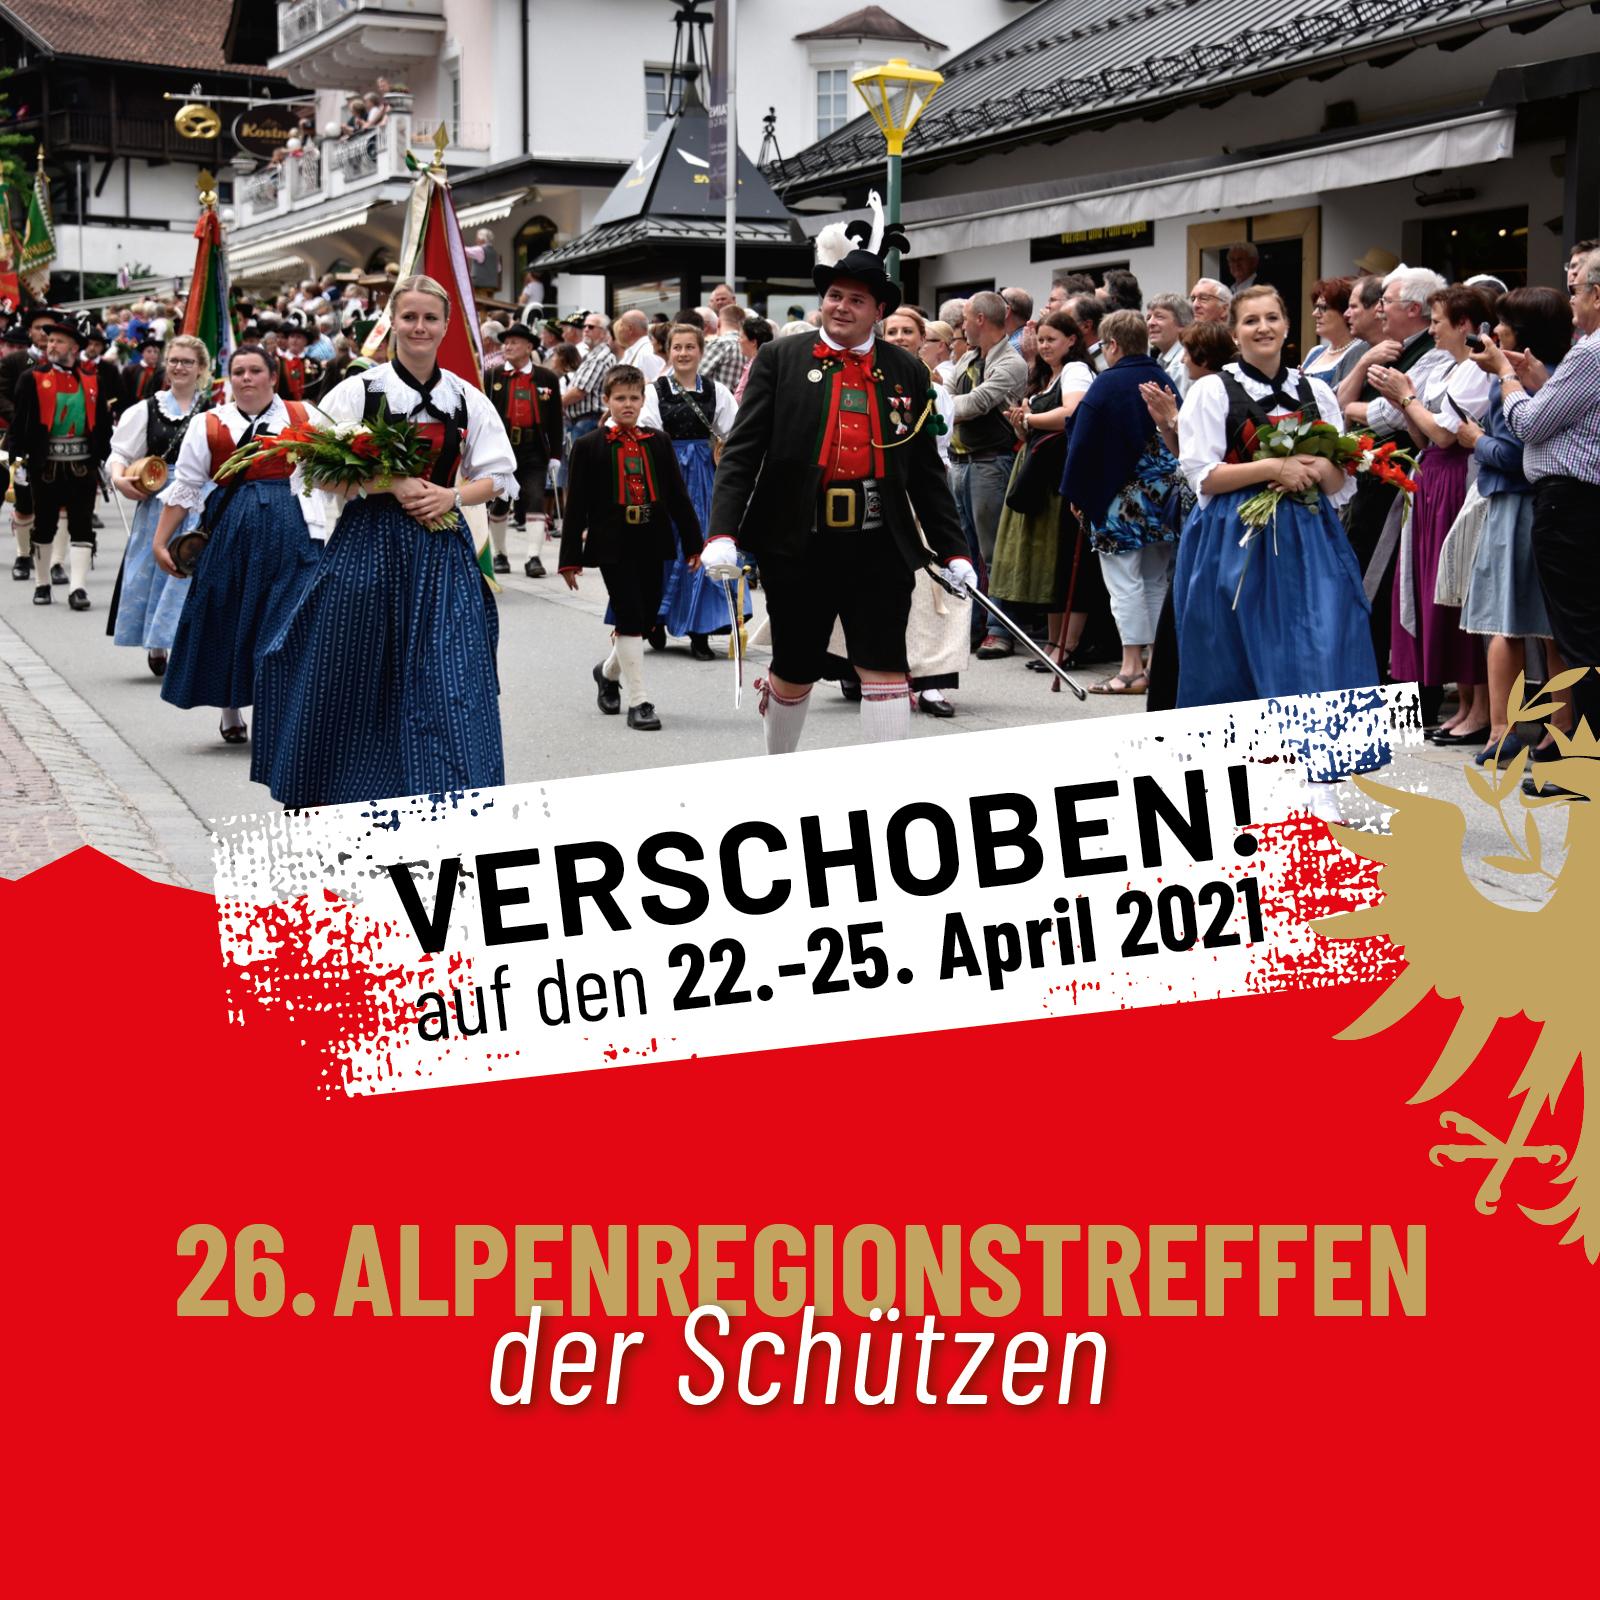 Alpenregionstreffen 2020: Aufgrund des Coronavirus wird das 26. Alpenregionstreffen verschoben